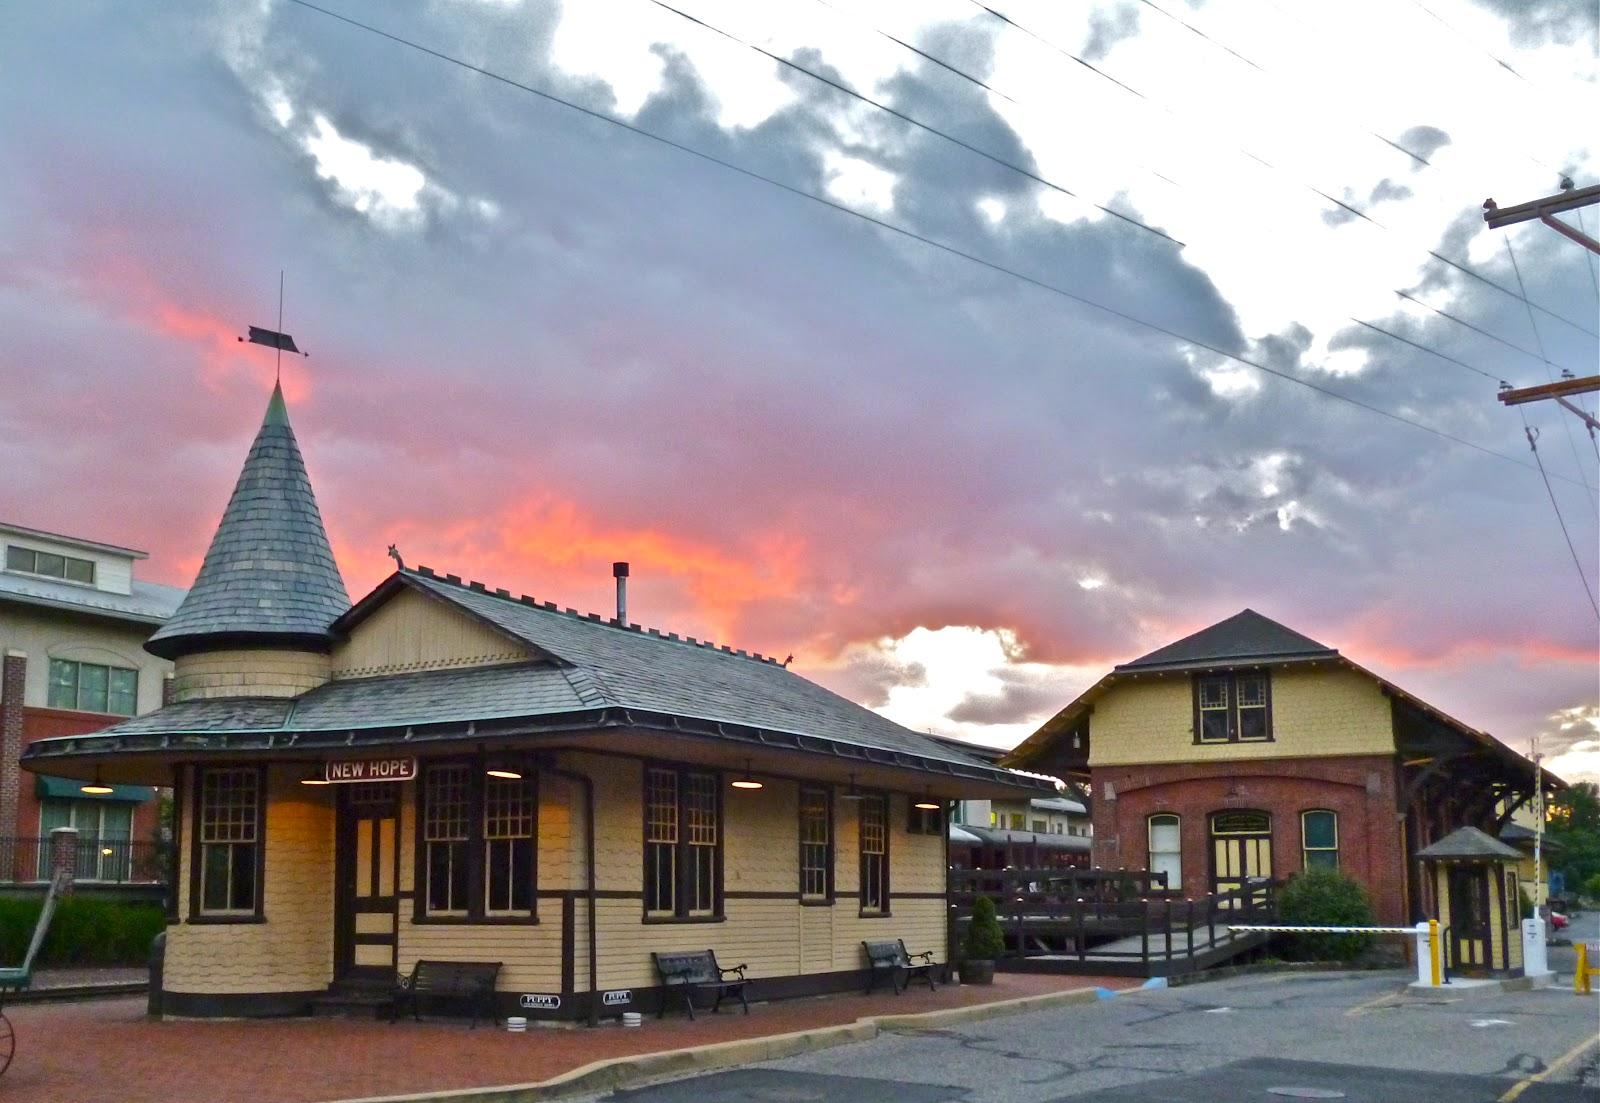 New hope pa train station photo charlie sahner